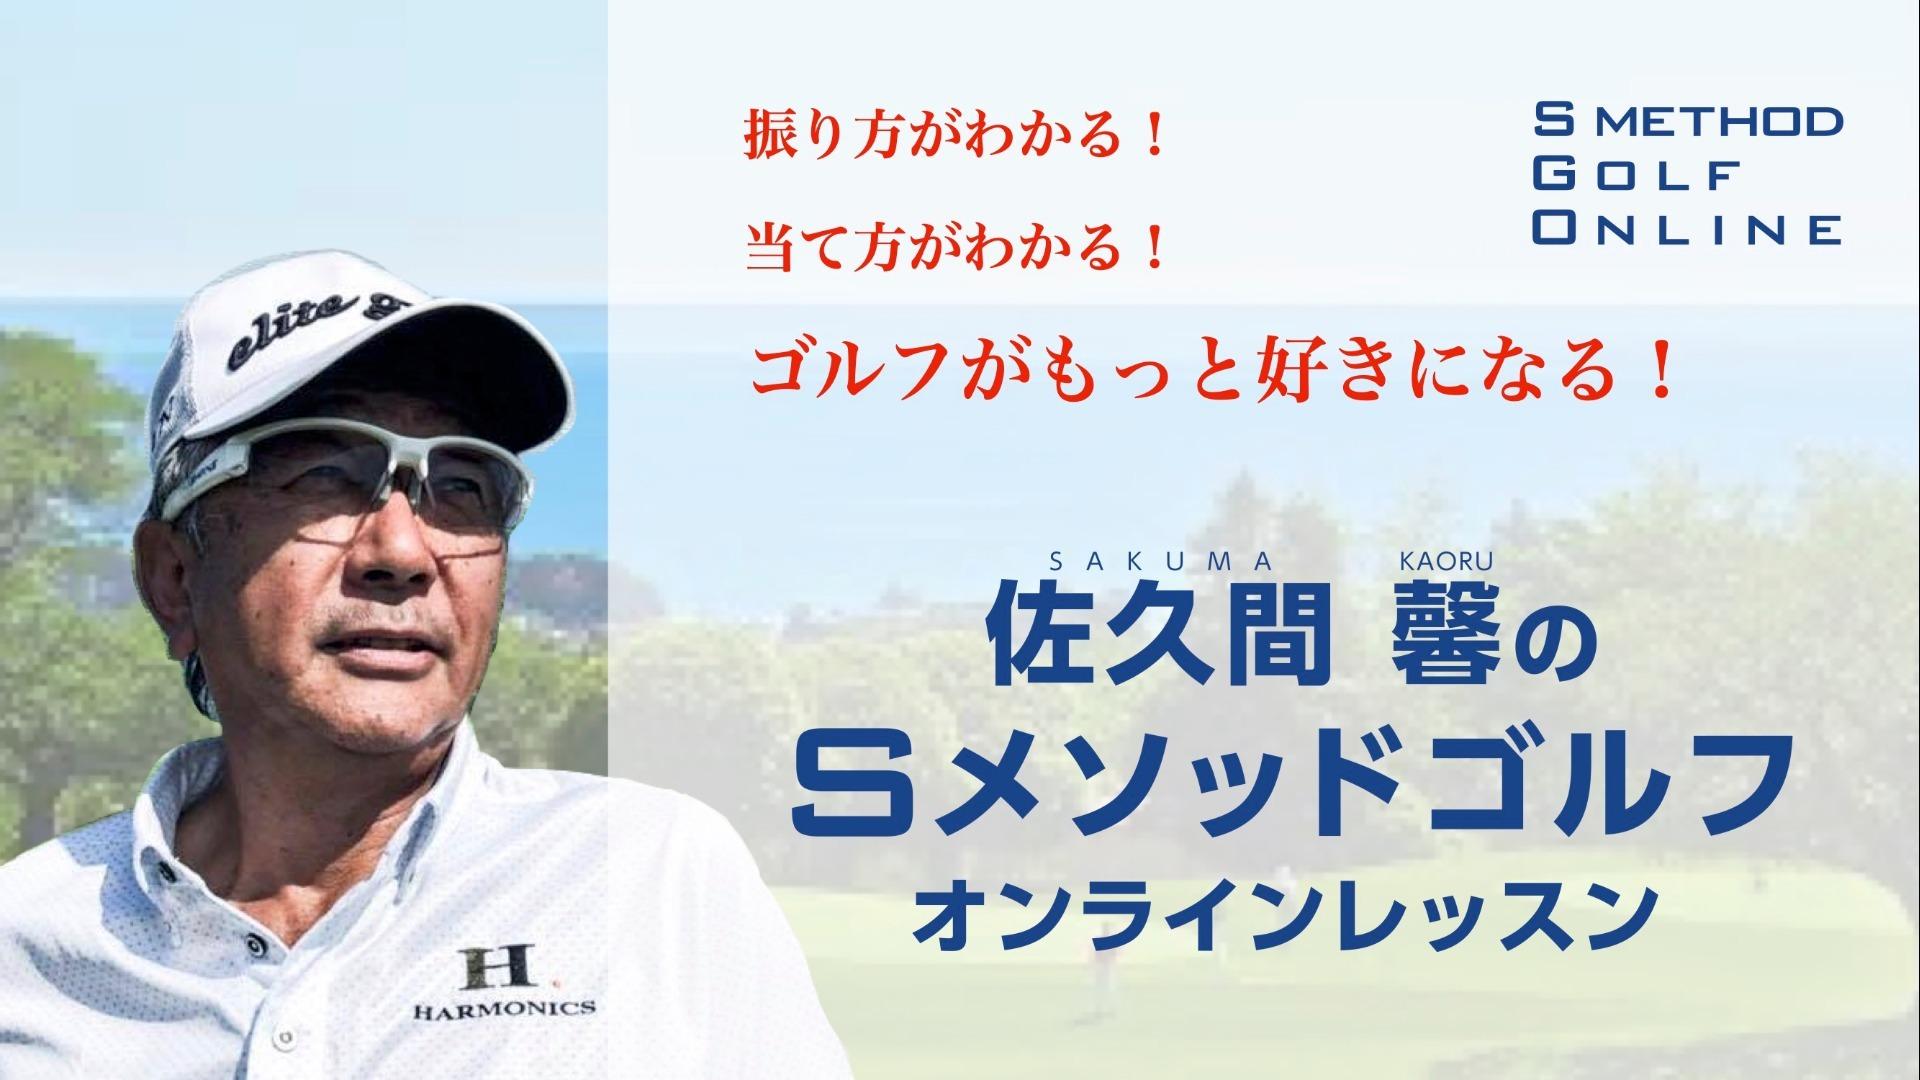 佐久間 馨(Sakuma Kaoru) - 佐久間 馨のSメソッドゴルフ研究室 - DMM オンラインサロン